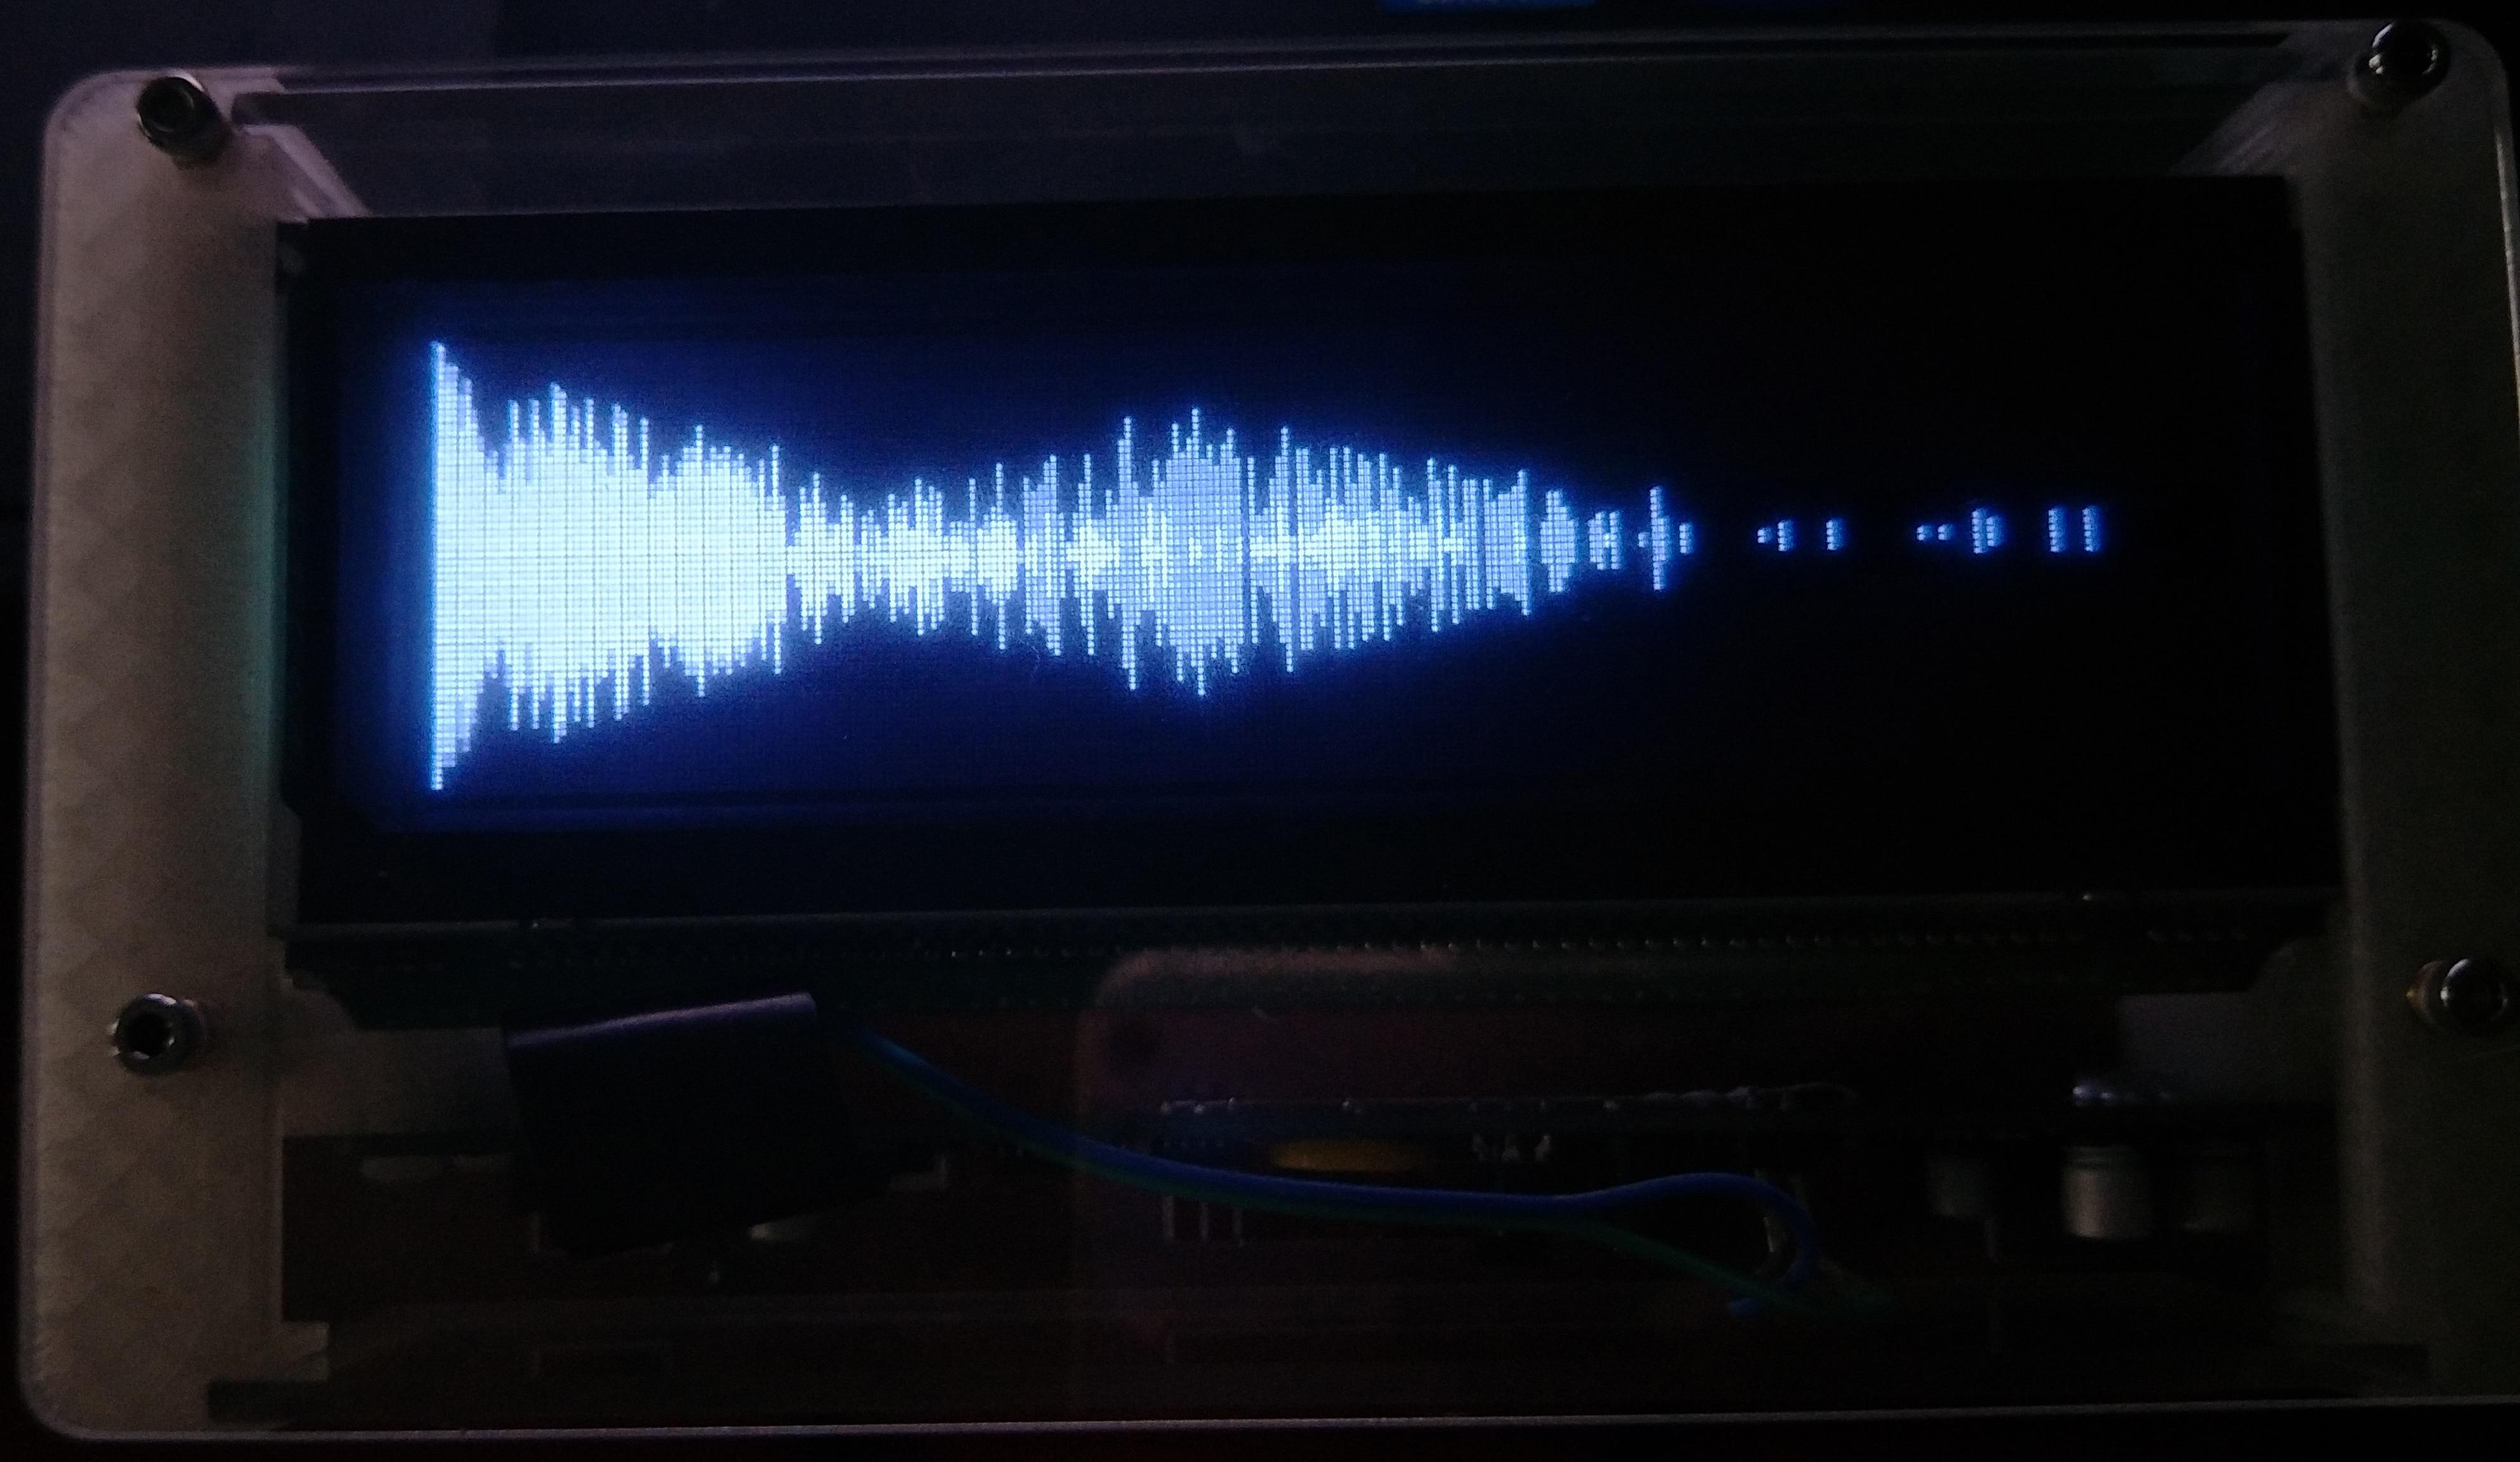 VFD25363 VFD часы люкс, музыка отображения спектра, vfd вакуумный флуоресцентный дисплей